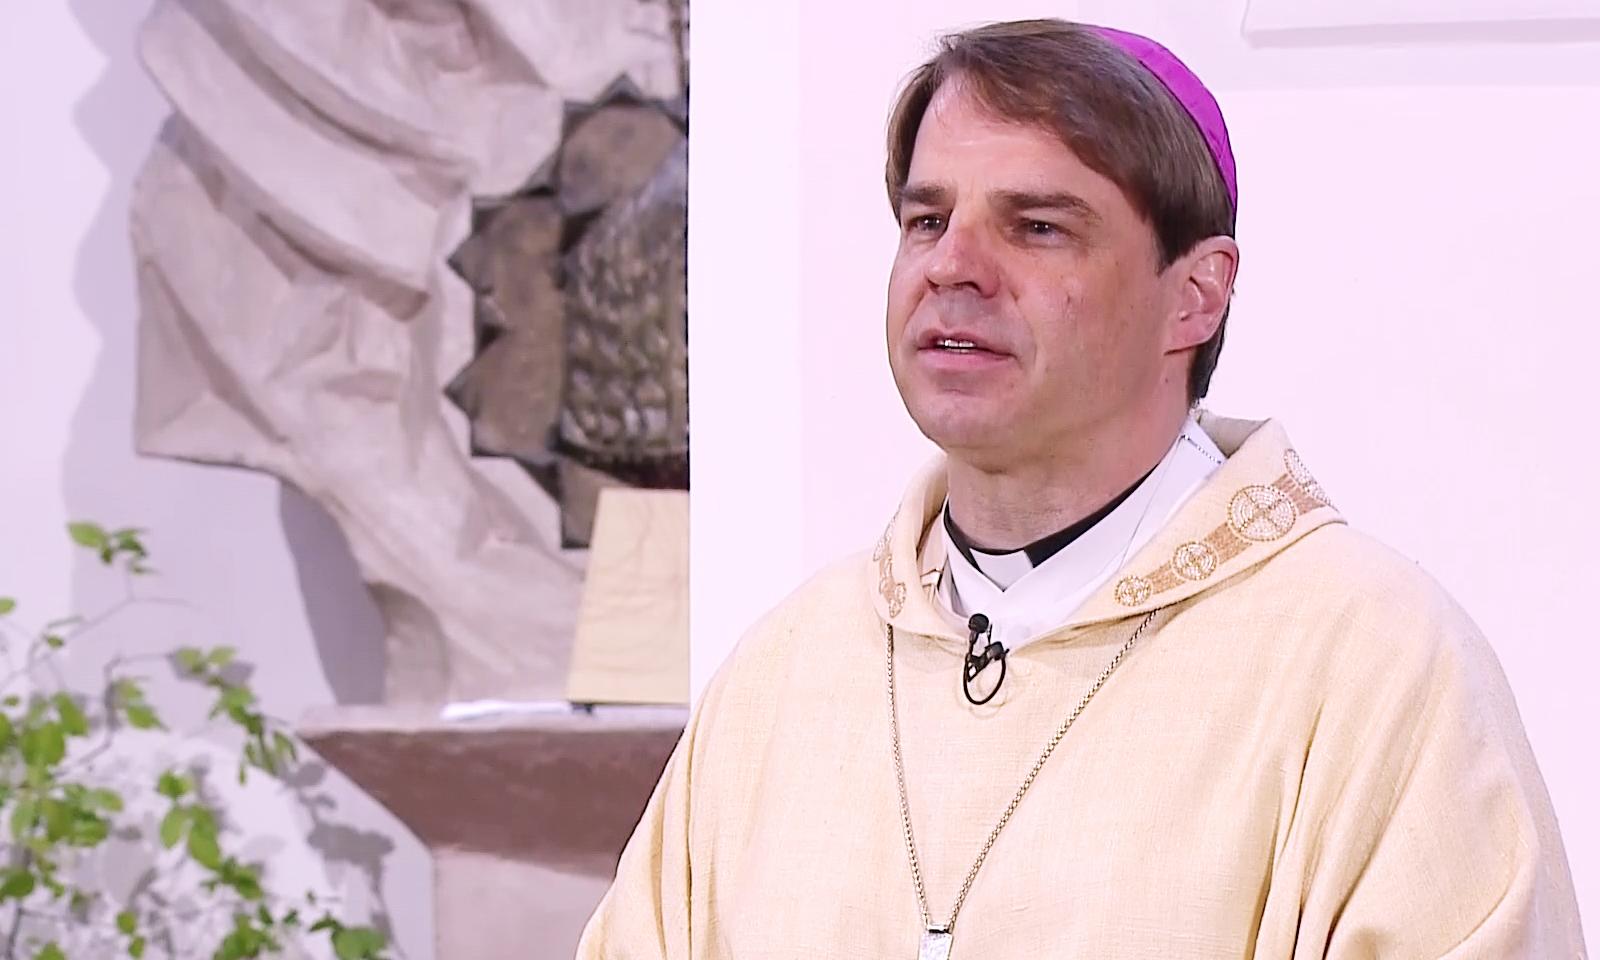 Bischof Stefan Weisser Sonntag